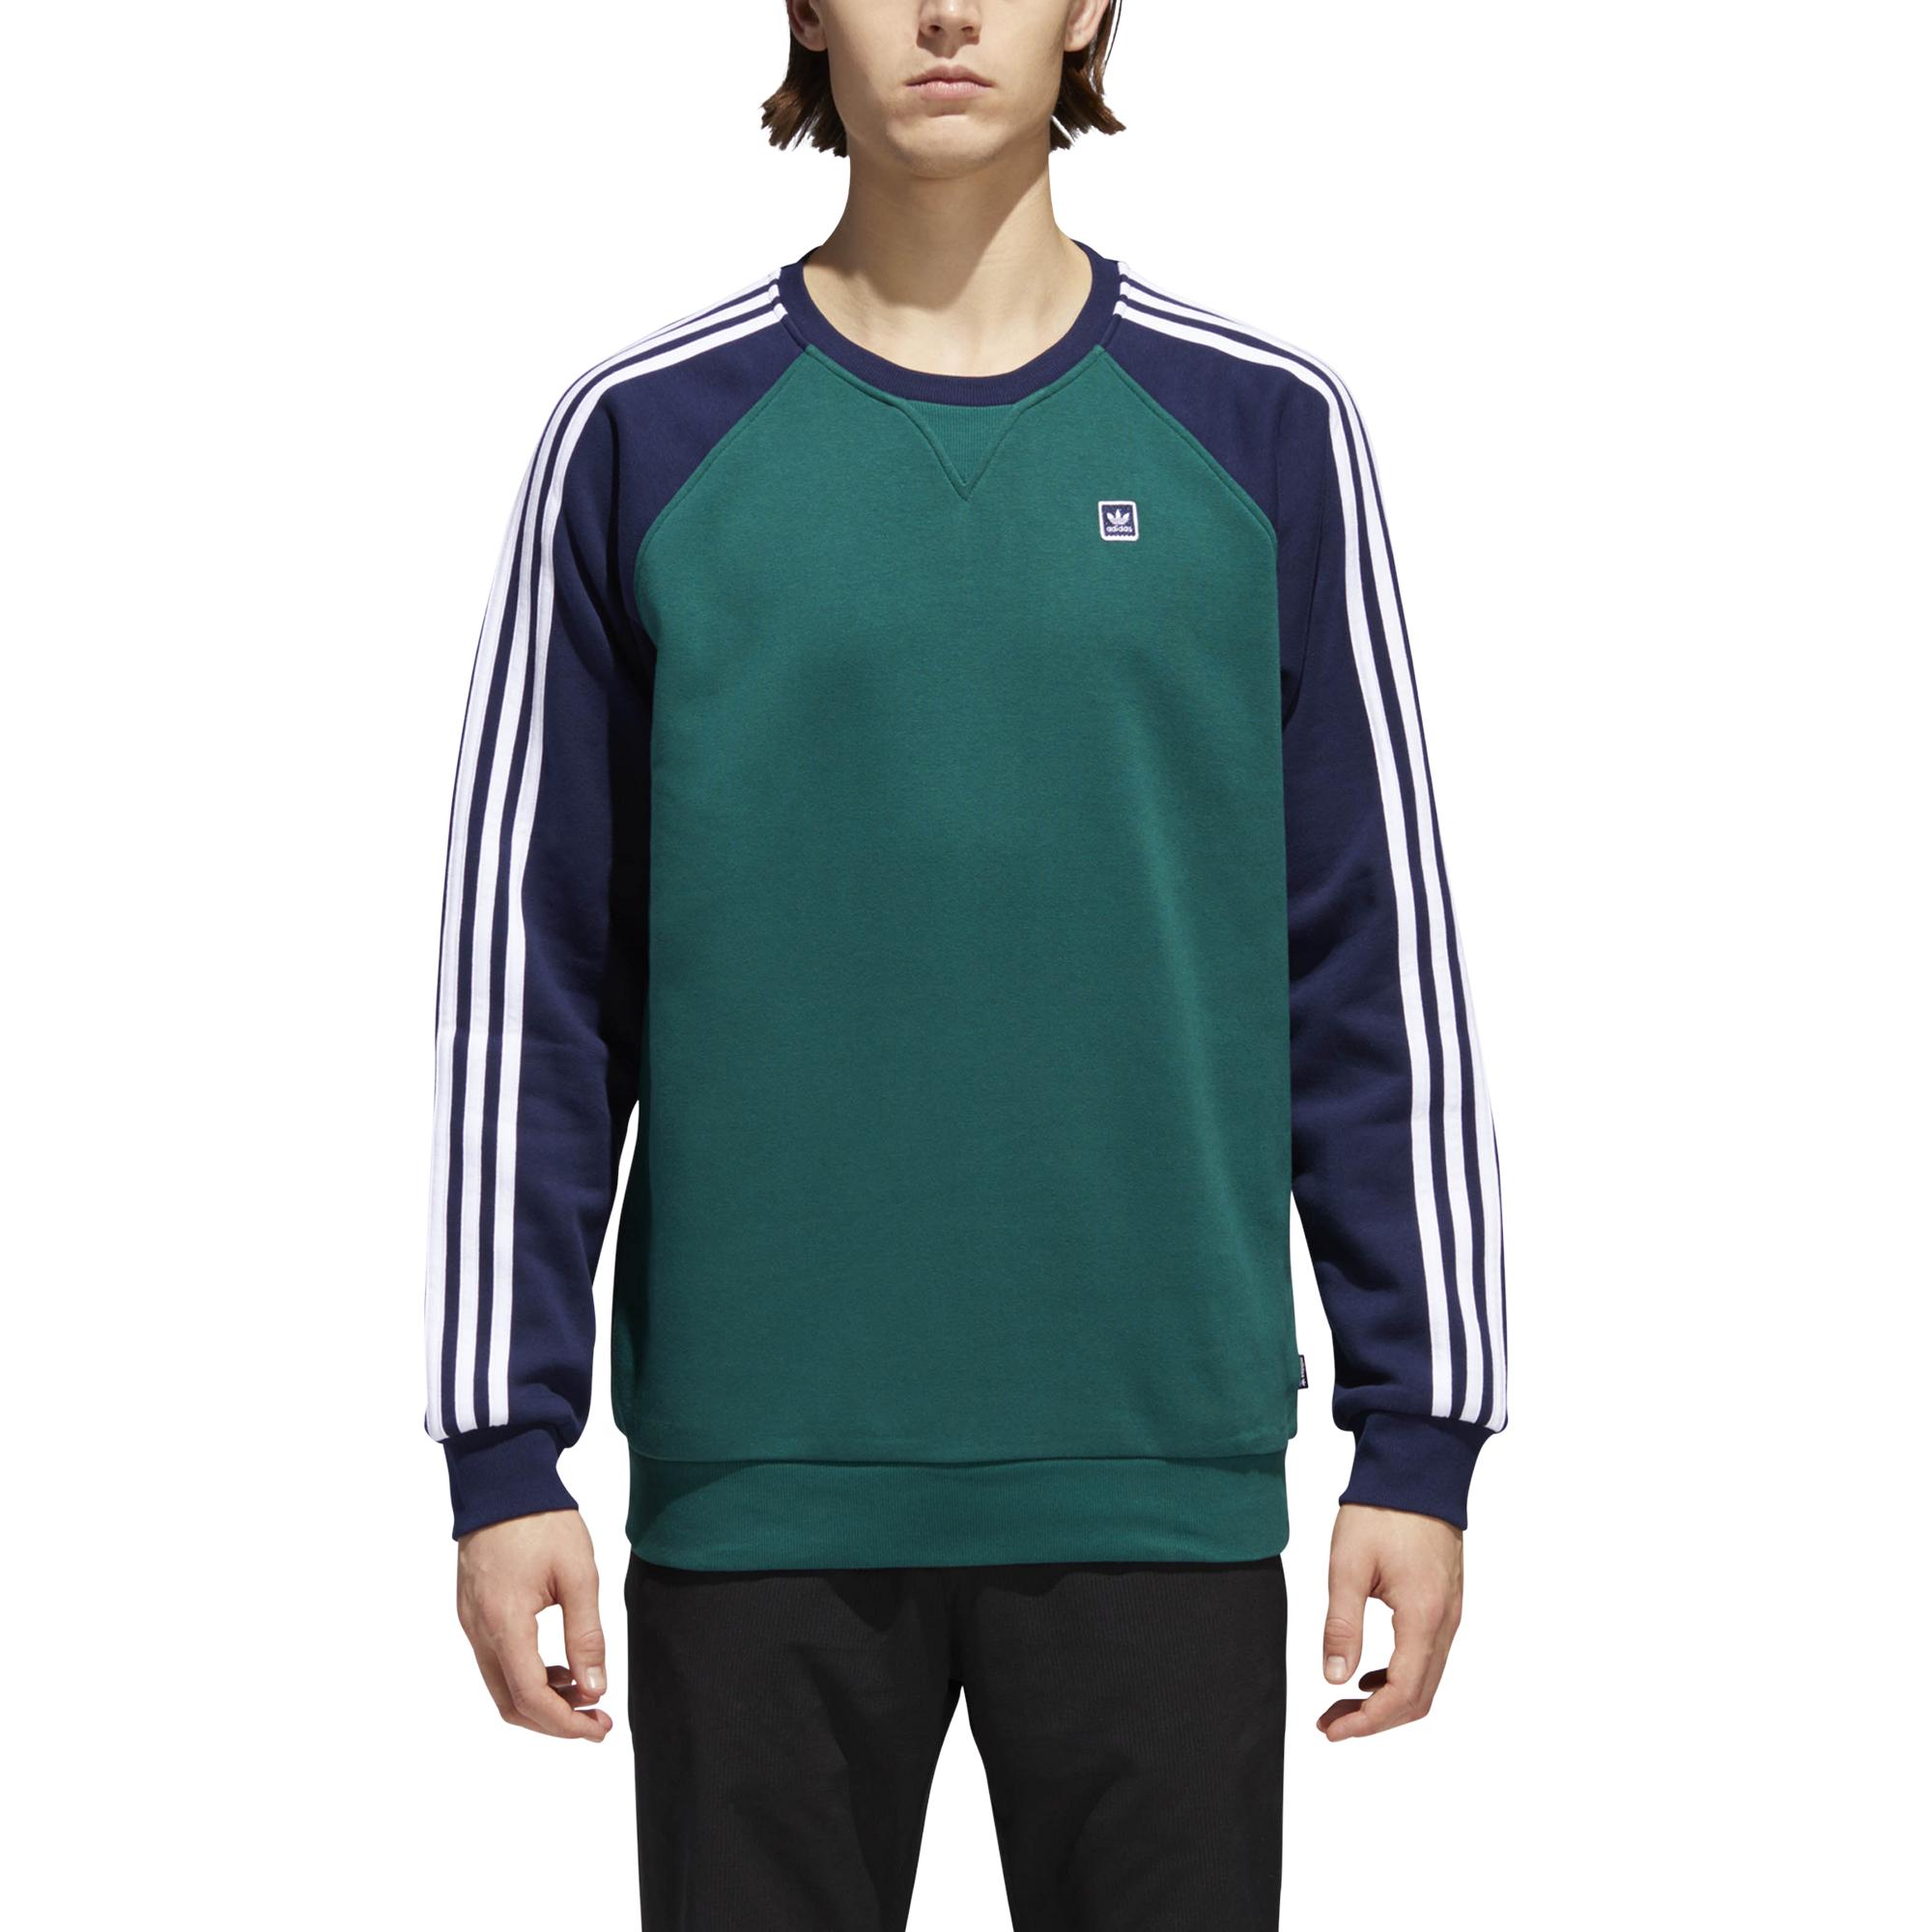 uk availability 6a5c4 24e01 Adidas Originals Uniform Skaters Crew, ...